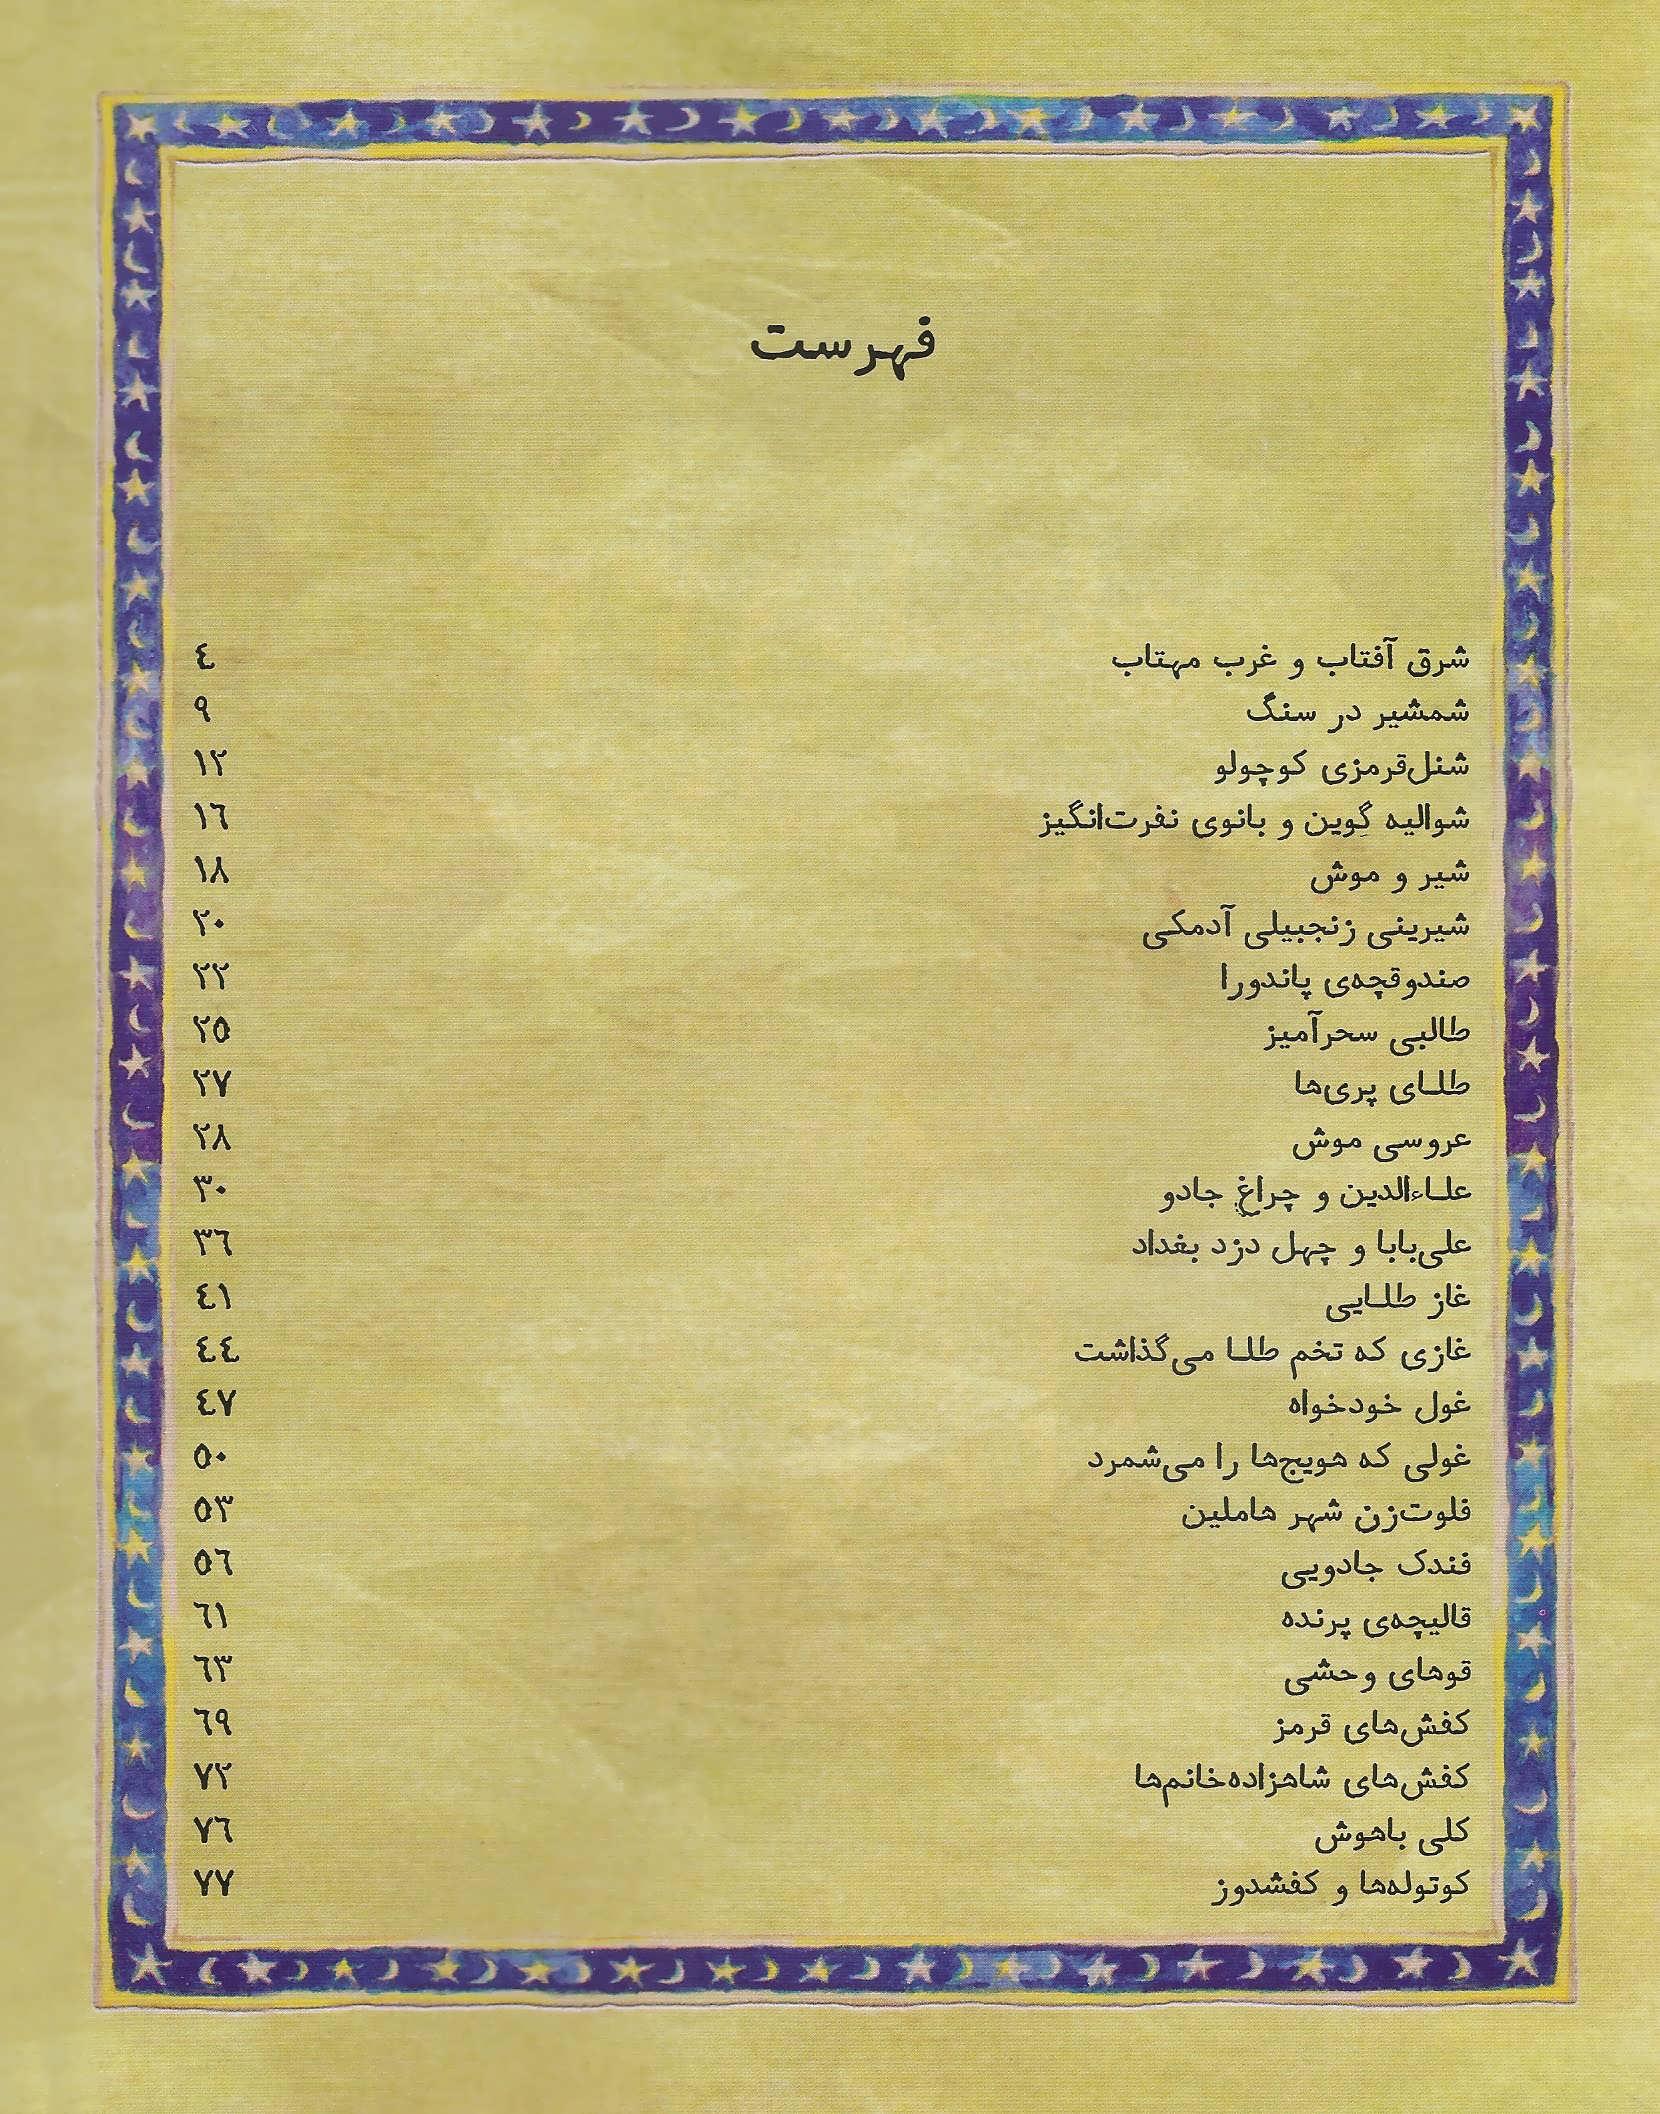 علاءالدین و چراغ جادو و 24 داستان دیگر (133 داستان دوست داشتنی دنیا 4)،(گلاسه)